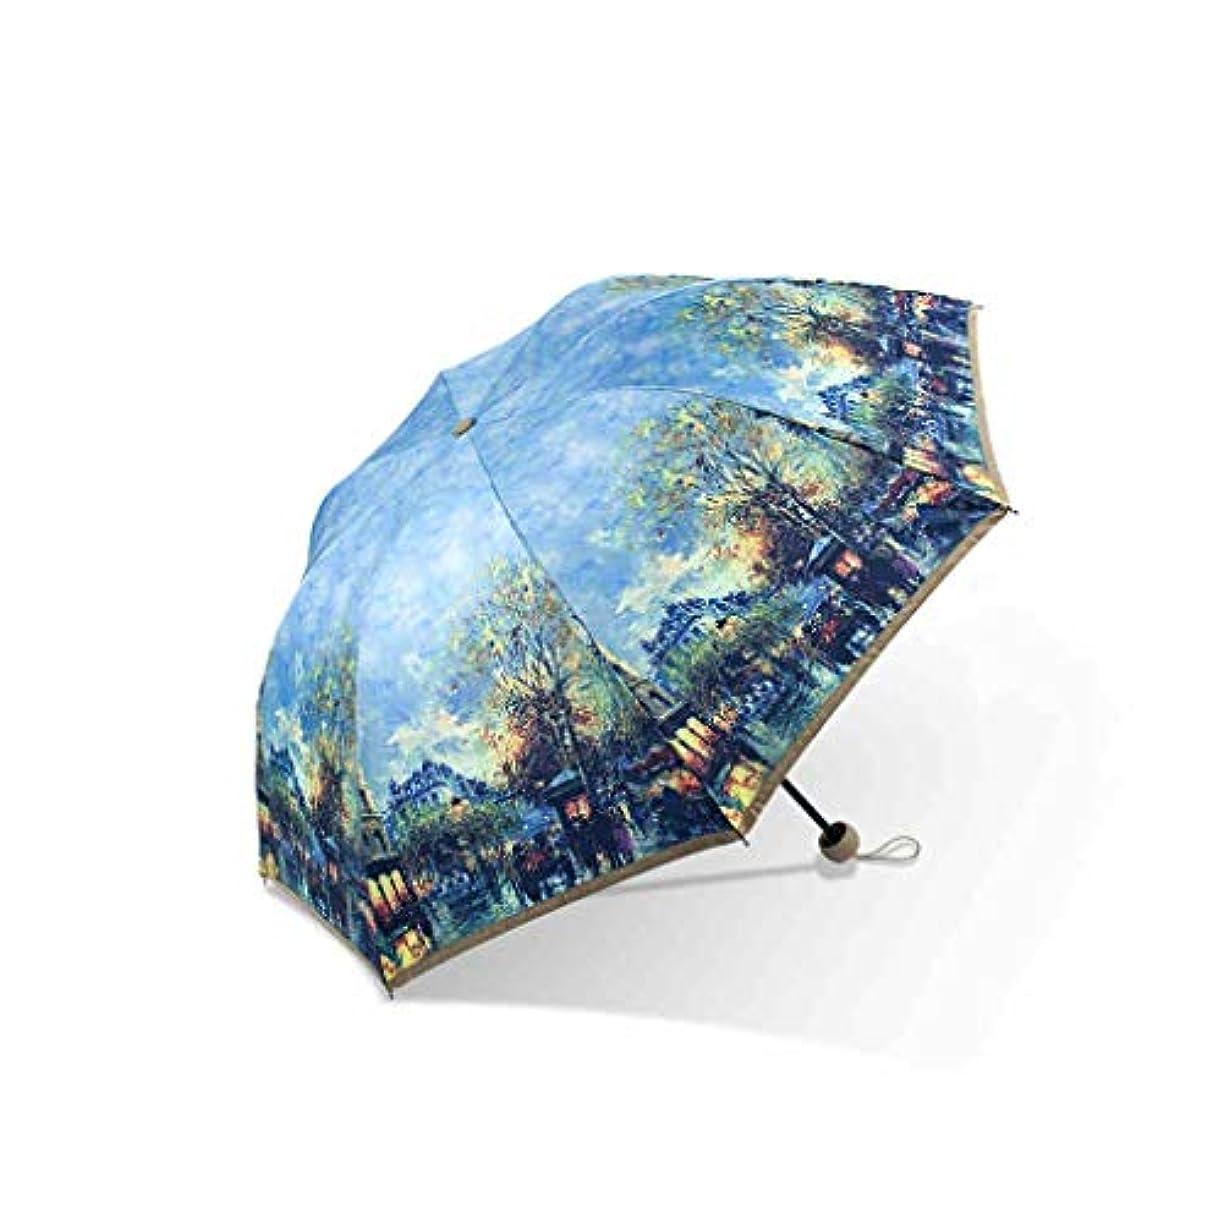 レンジ優れました厄介なPy 傘二層印刷ポータブル抗UV傘デュアルユース折りたたみ傘小さな新鮮な